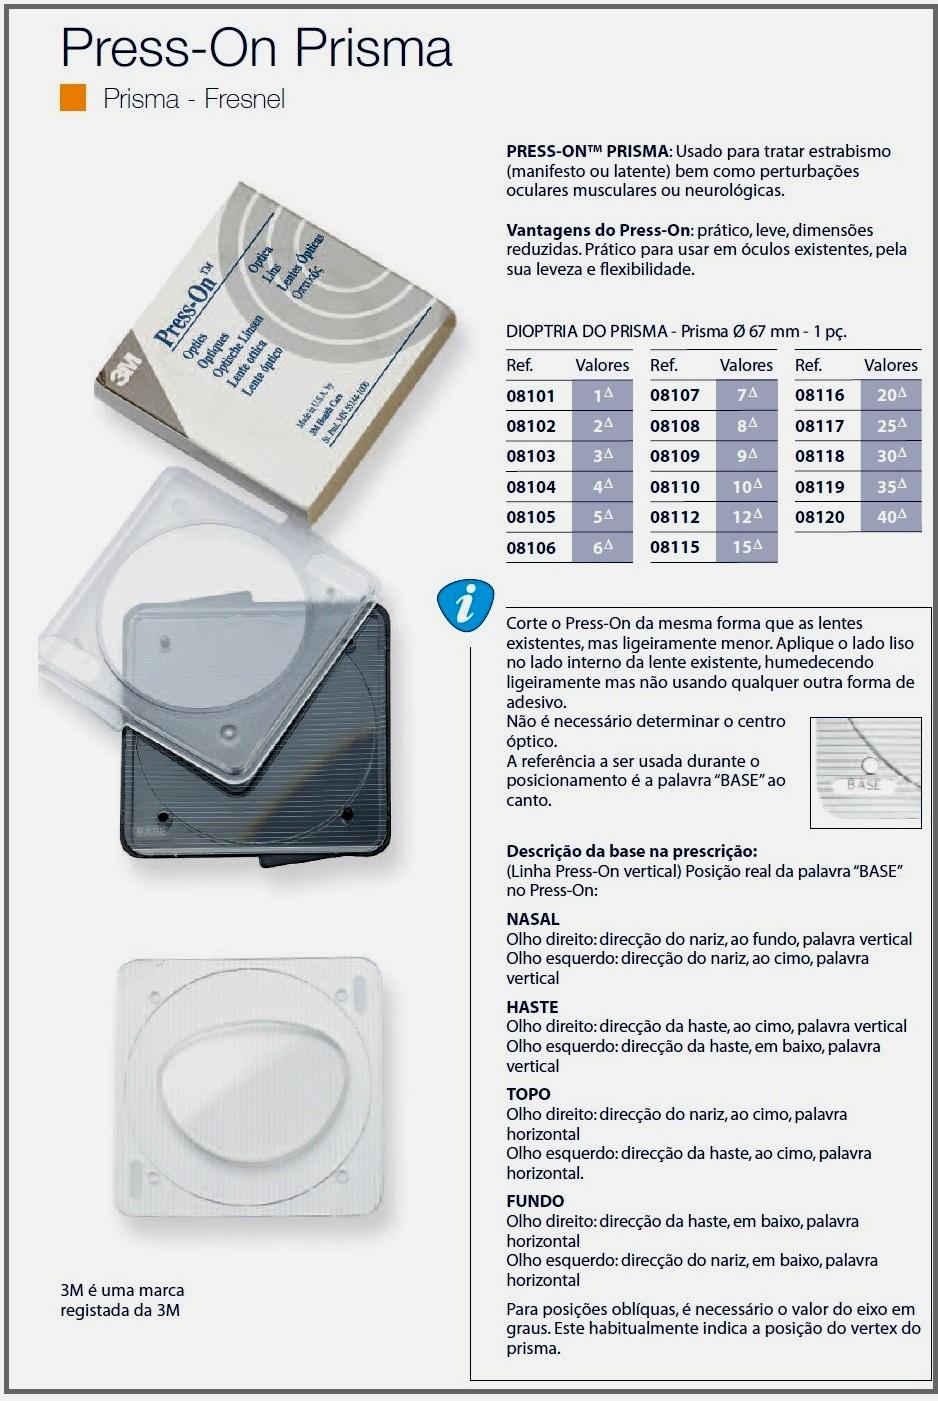 0208108 - CorreçãoVisual 02 Press-On Prisma 8 Mod 8108 FLAG O  -Contém 1 Peça